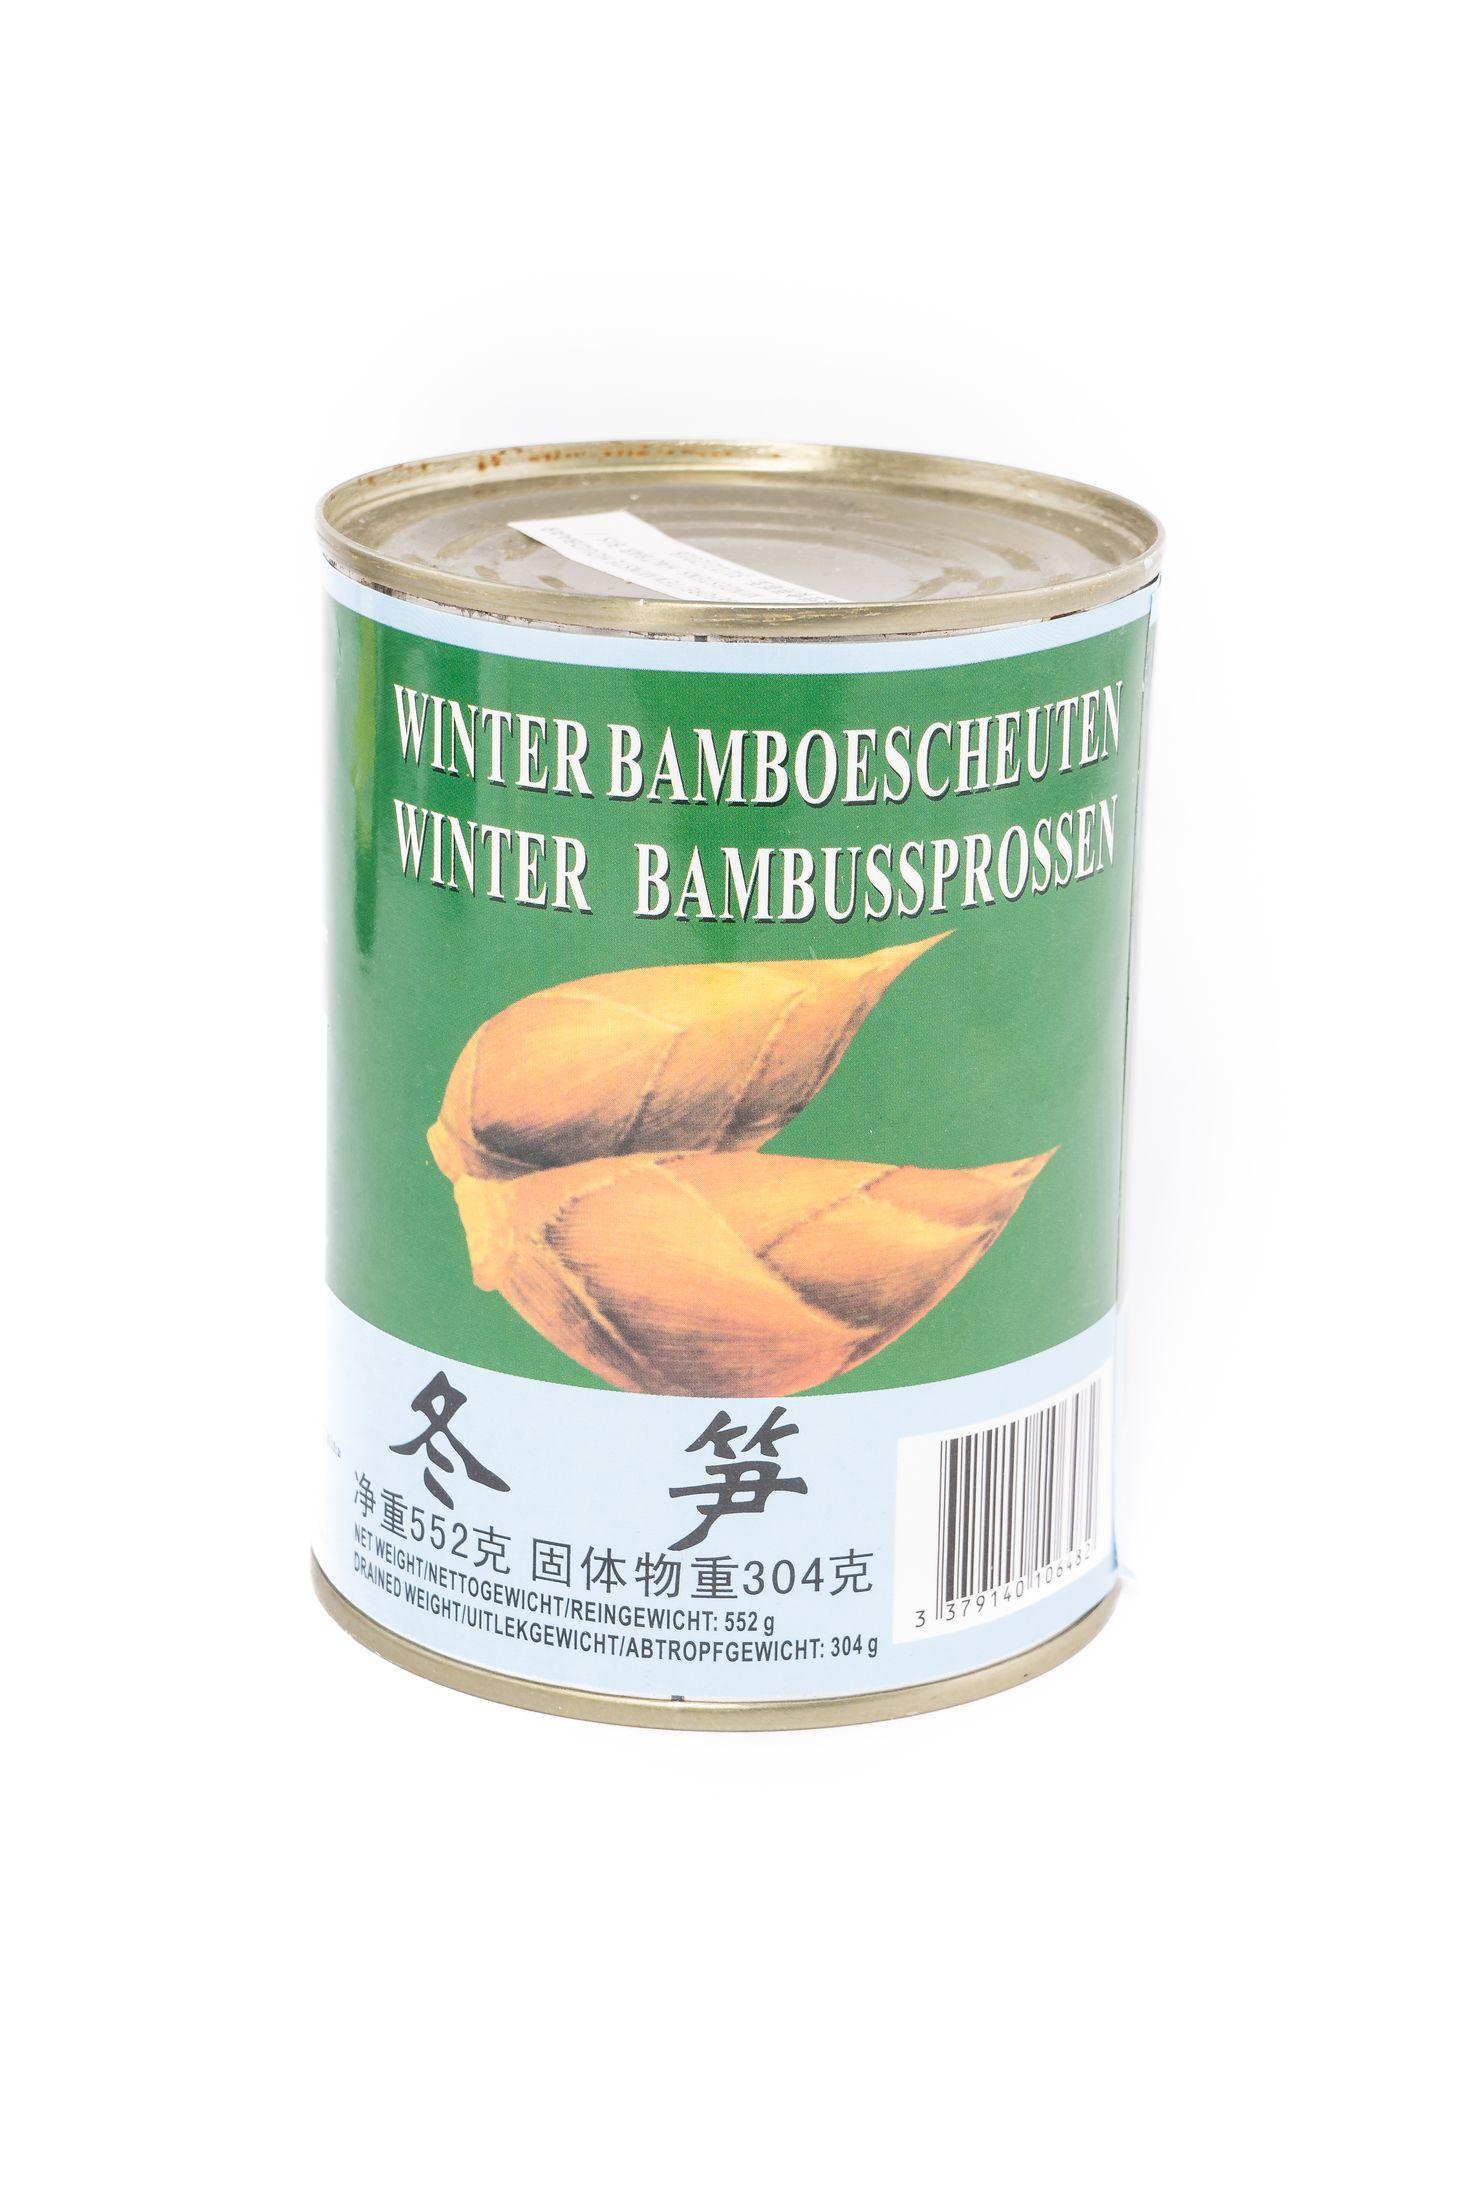 Winter bamboescheuten